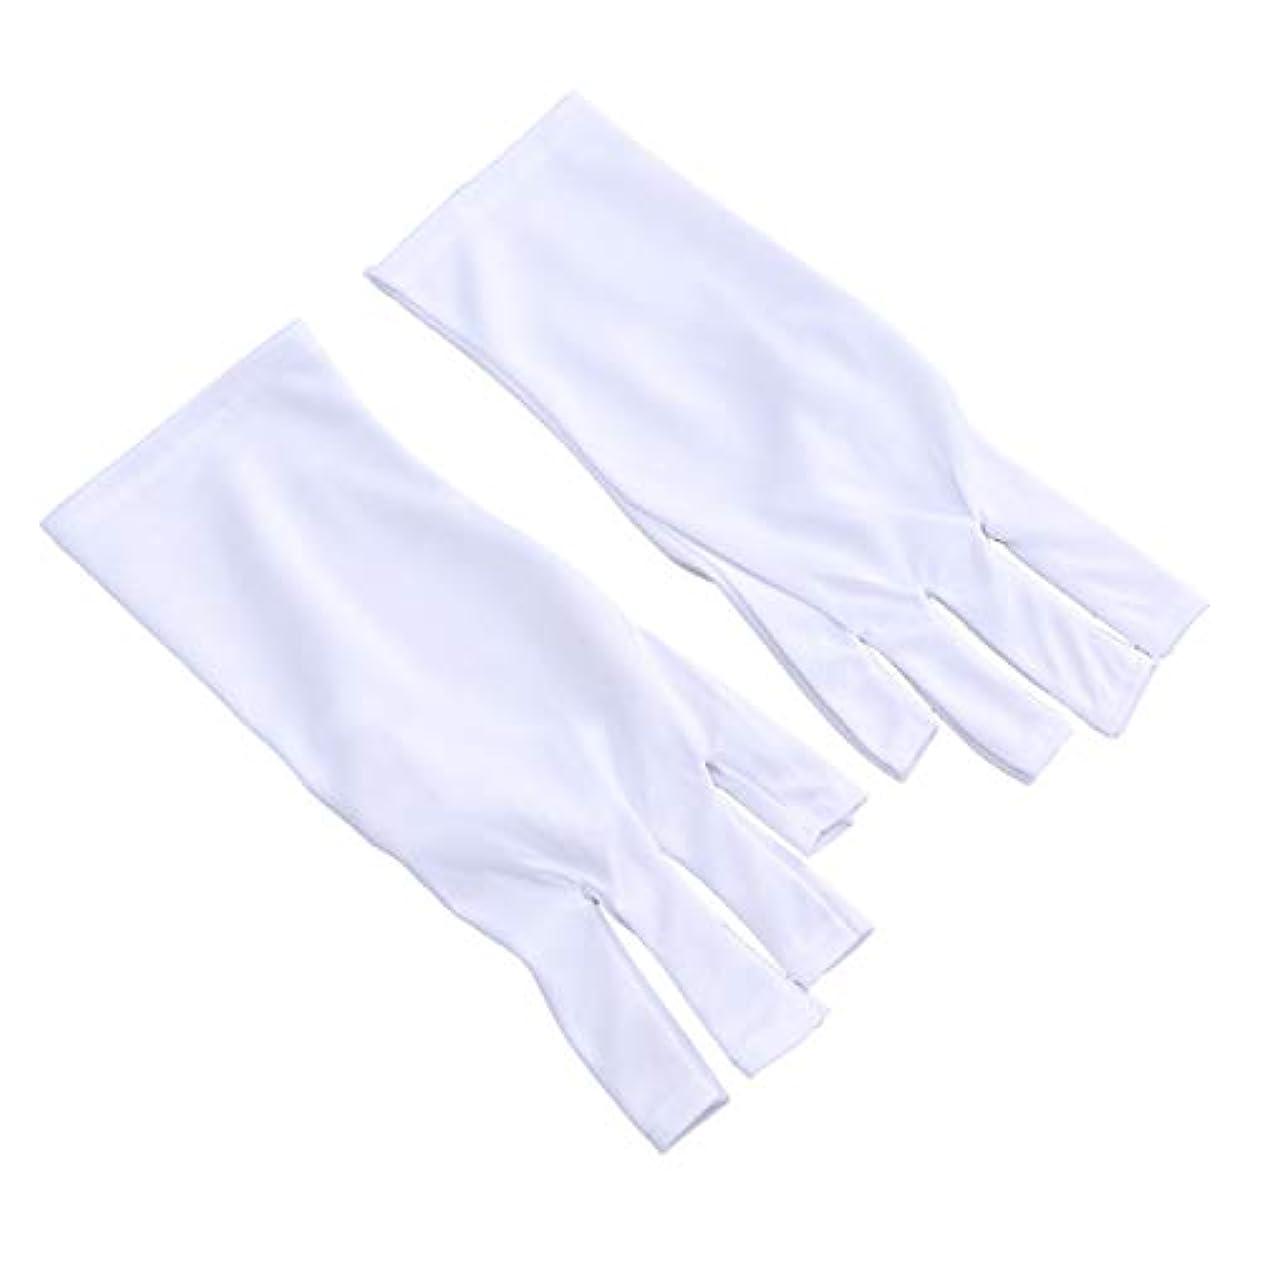 遮る最大化するルートHealify 抗uv手袋 手袋 ネイルアー 放射線防護 マニキュアドライヤーツール 1ペア (25 CMショートホワイトUVグローブ)